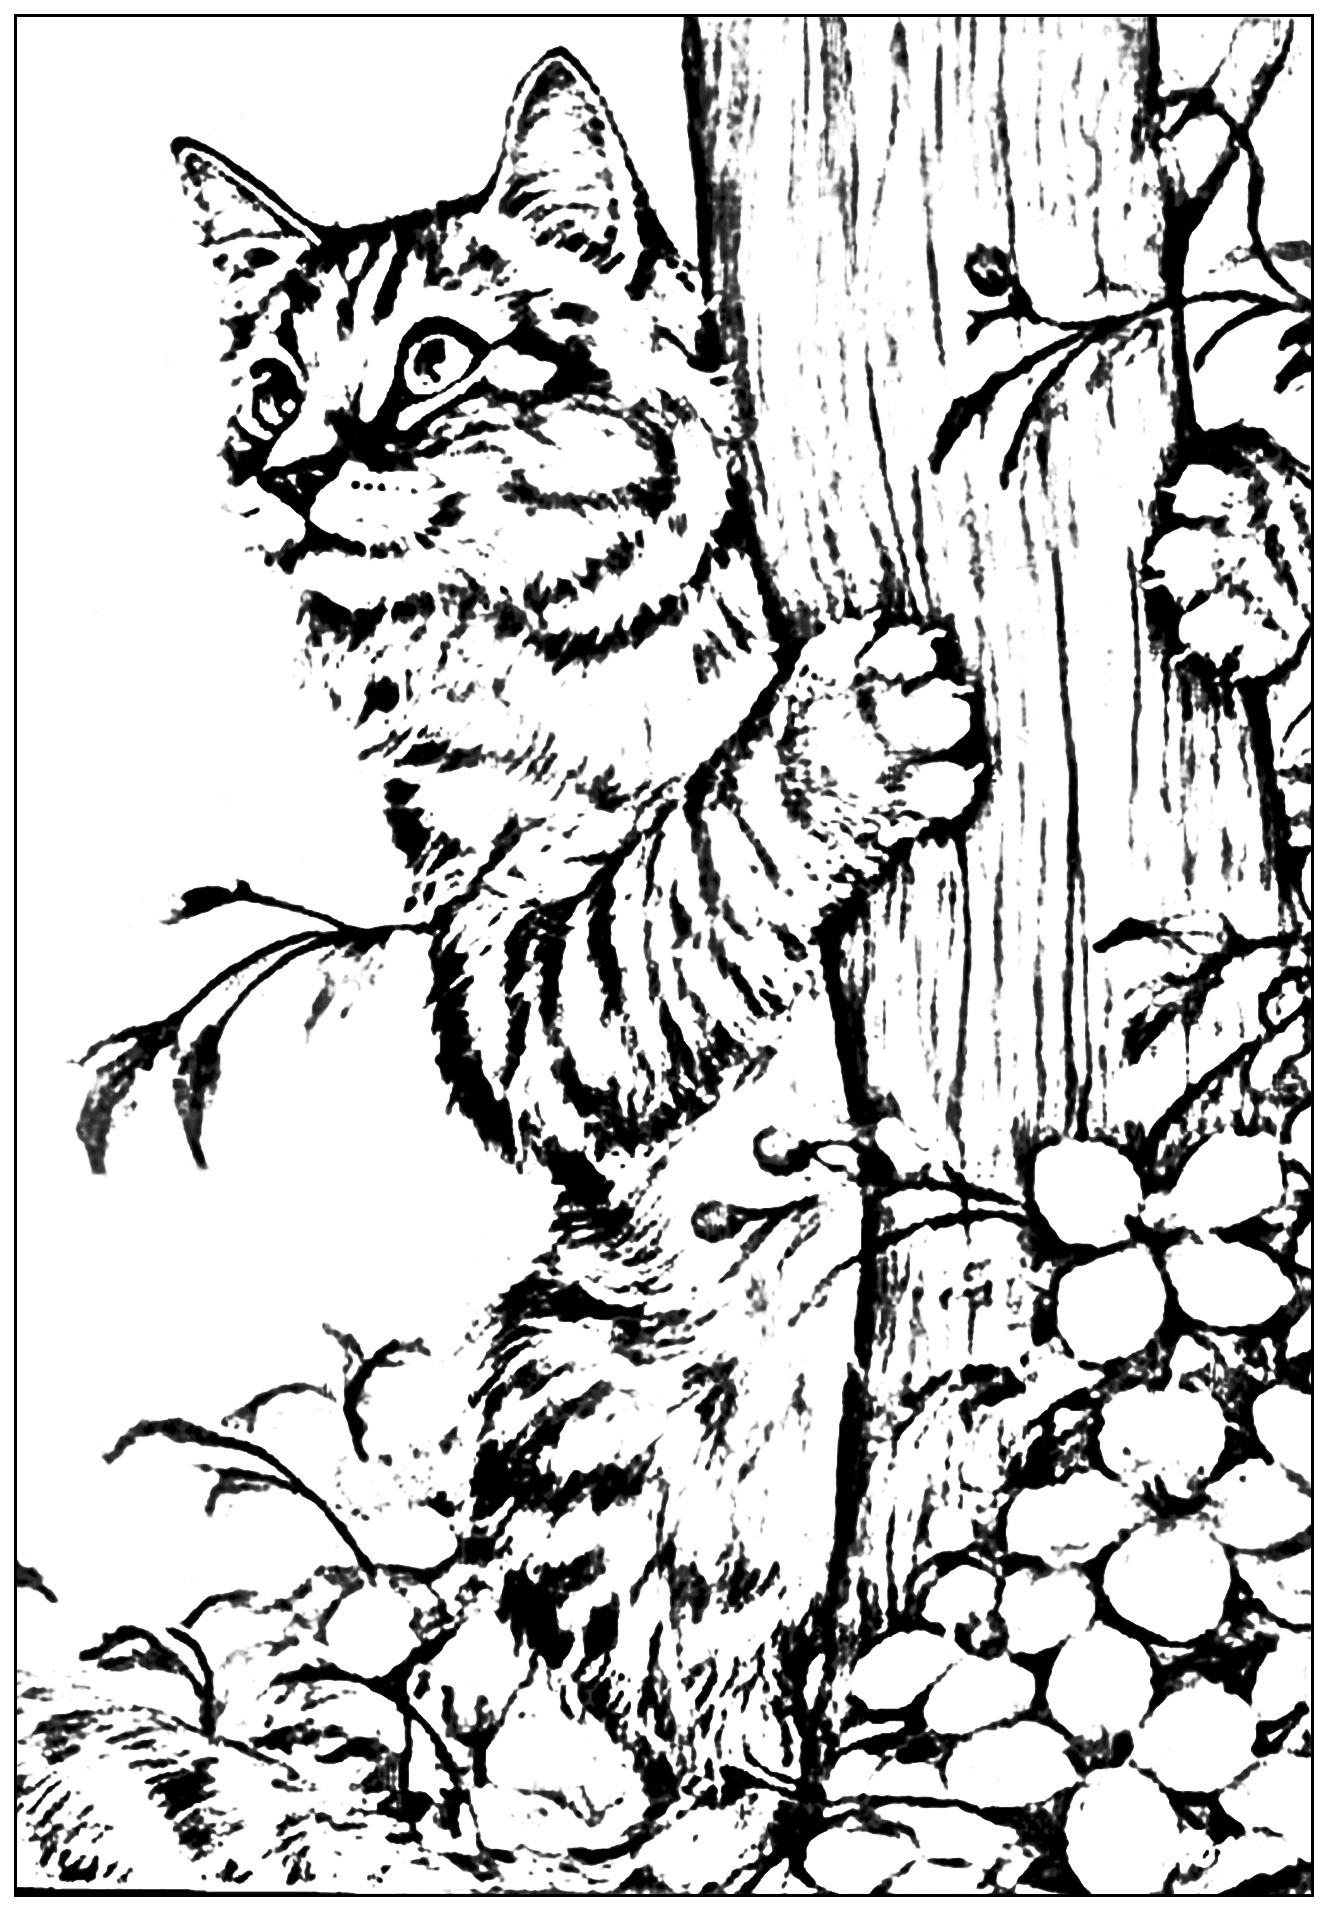 Gatos 67441 - Gatos - Colorear para Adultos